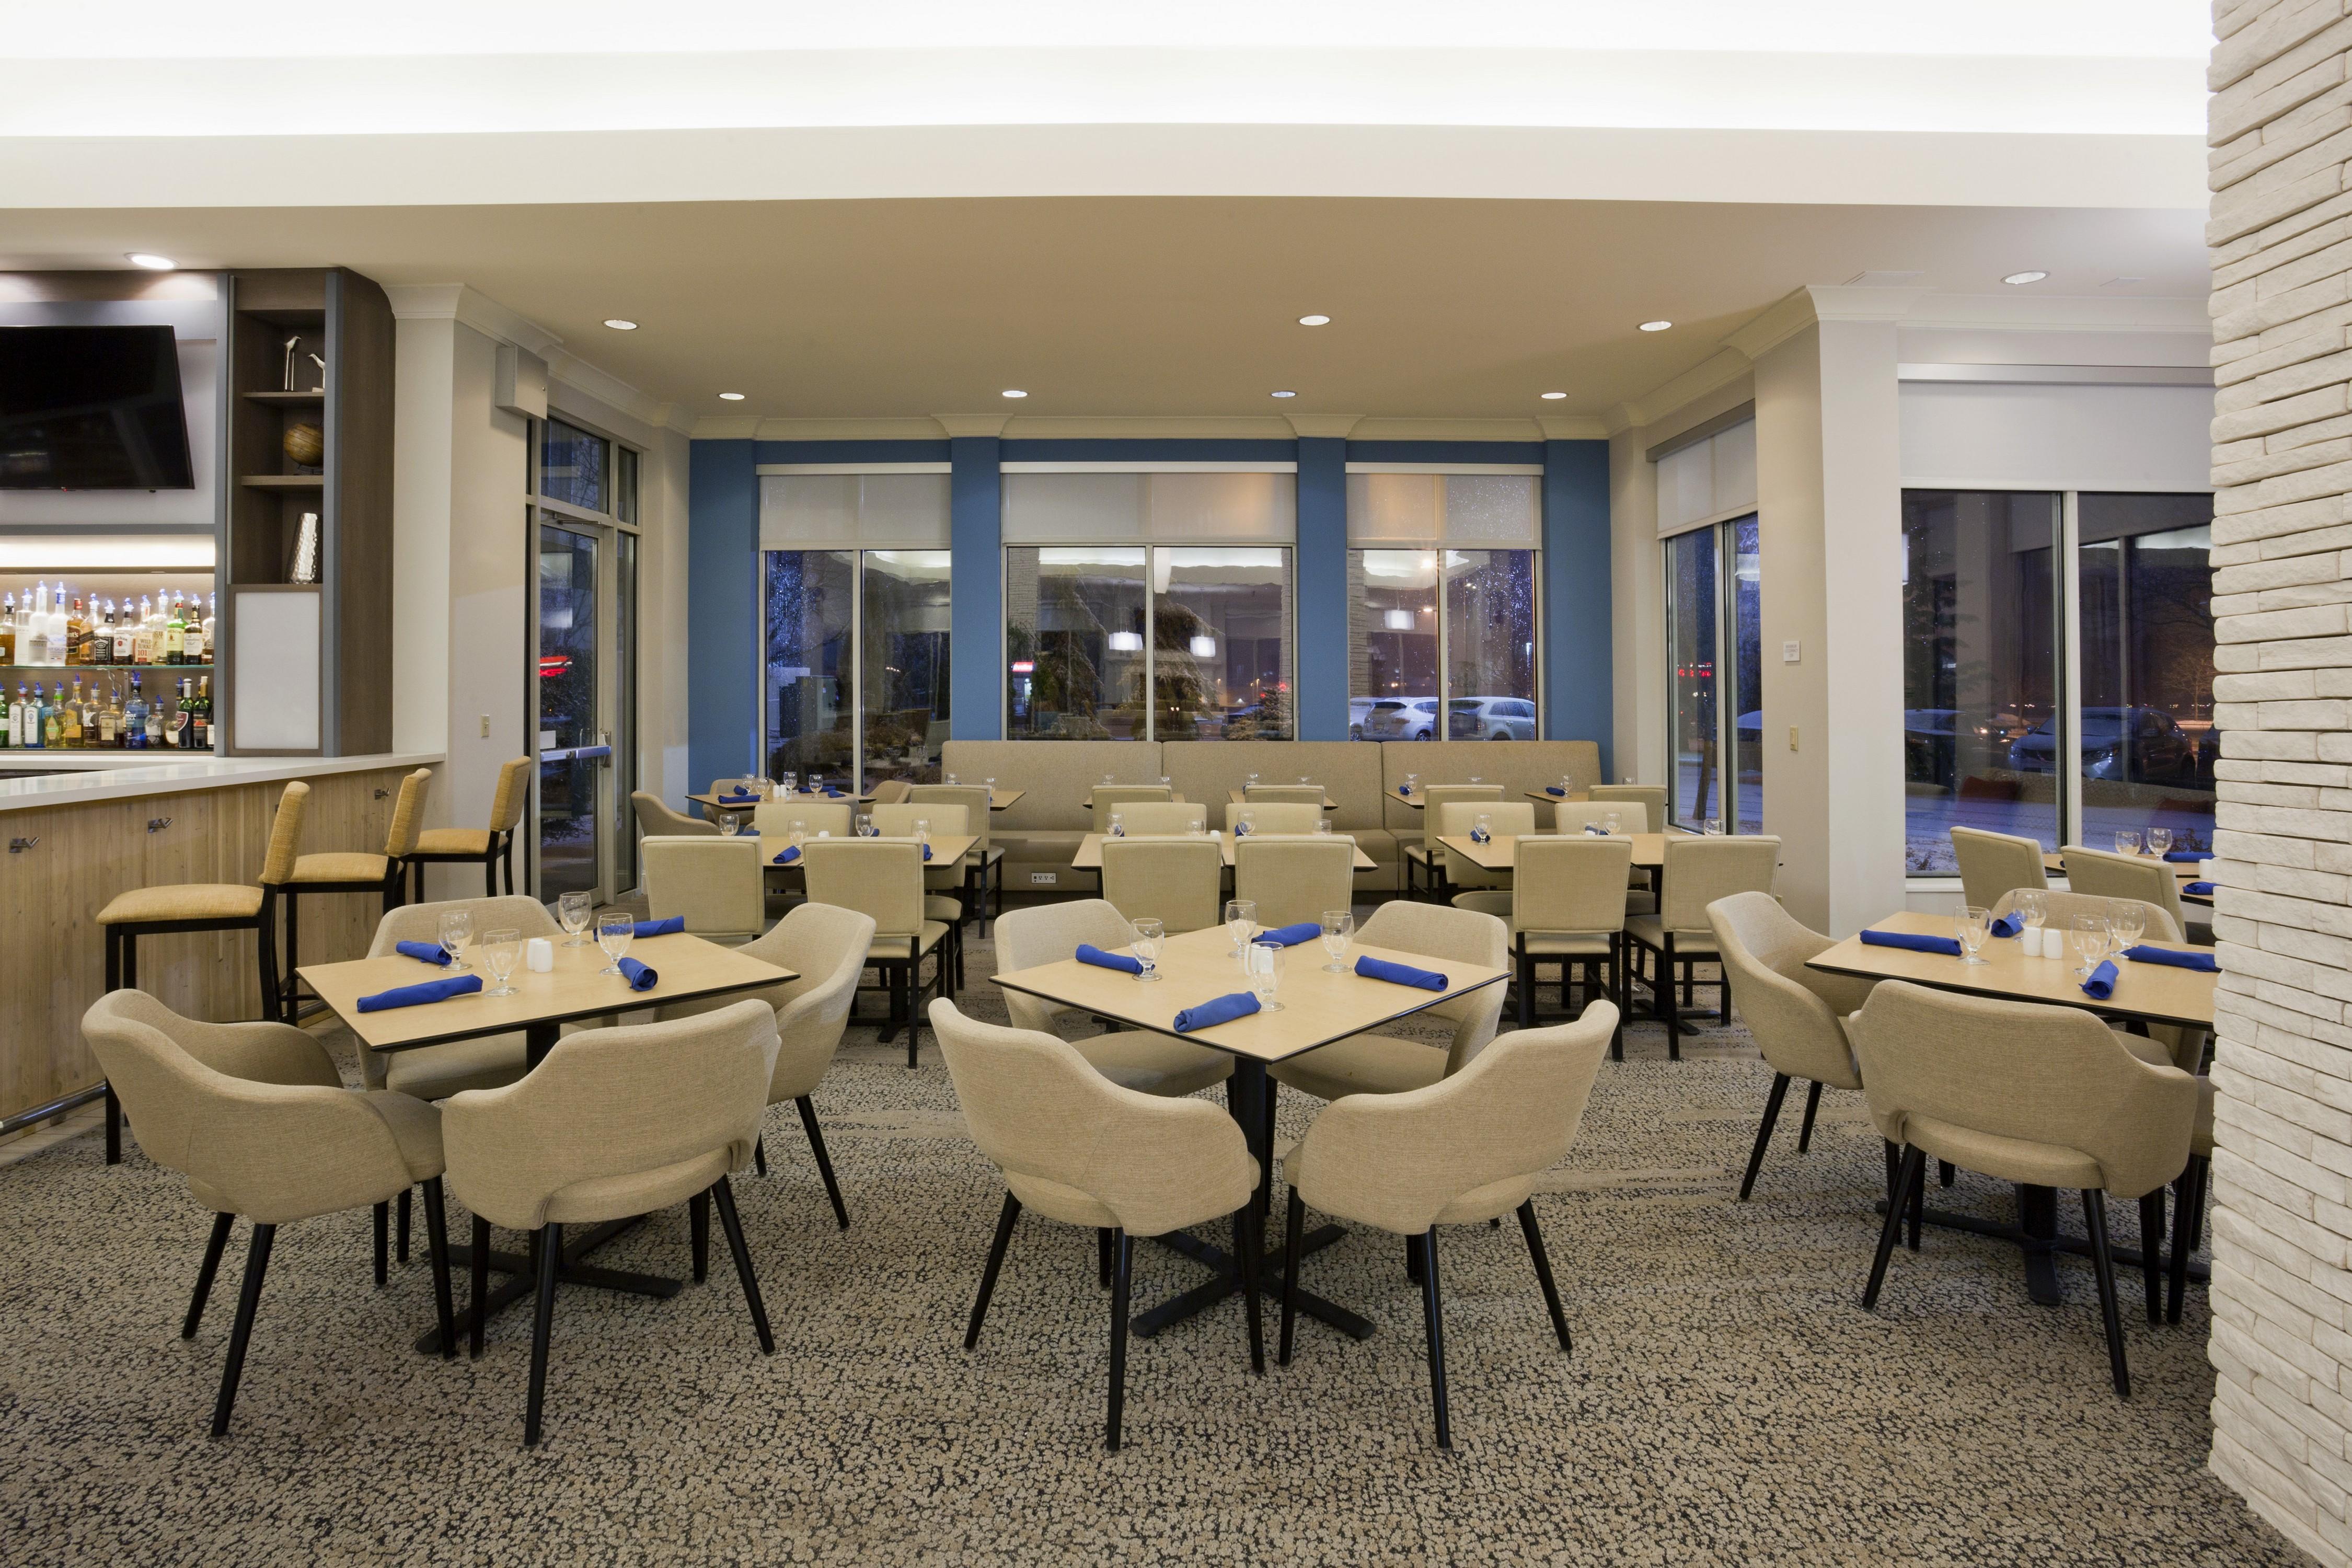 Hilton garden inn minneapolis eagan in eagan mn 55122 for Hilton garden inn minneapolis eagan